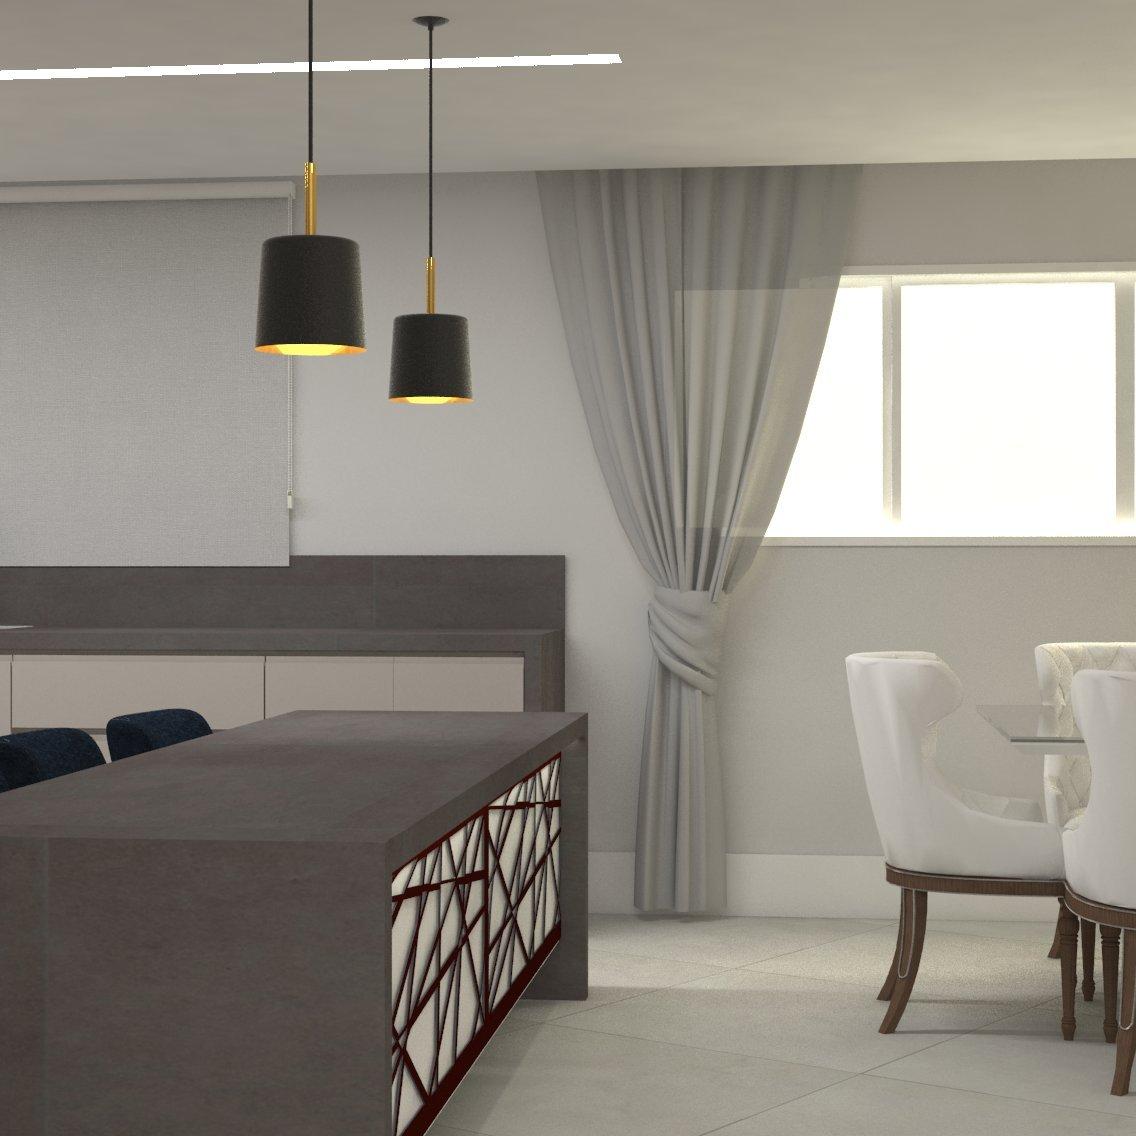 Projeto de cozinha moderna -minimalista para casa em curitiba - estudio murilo zadulski interiores - design em curitiba0205